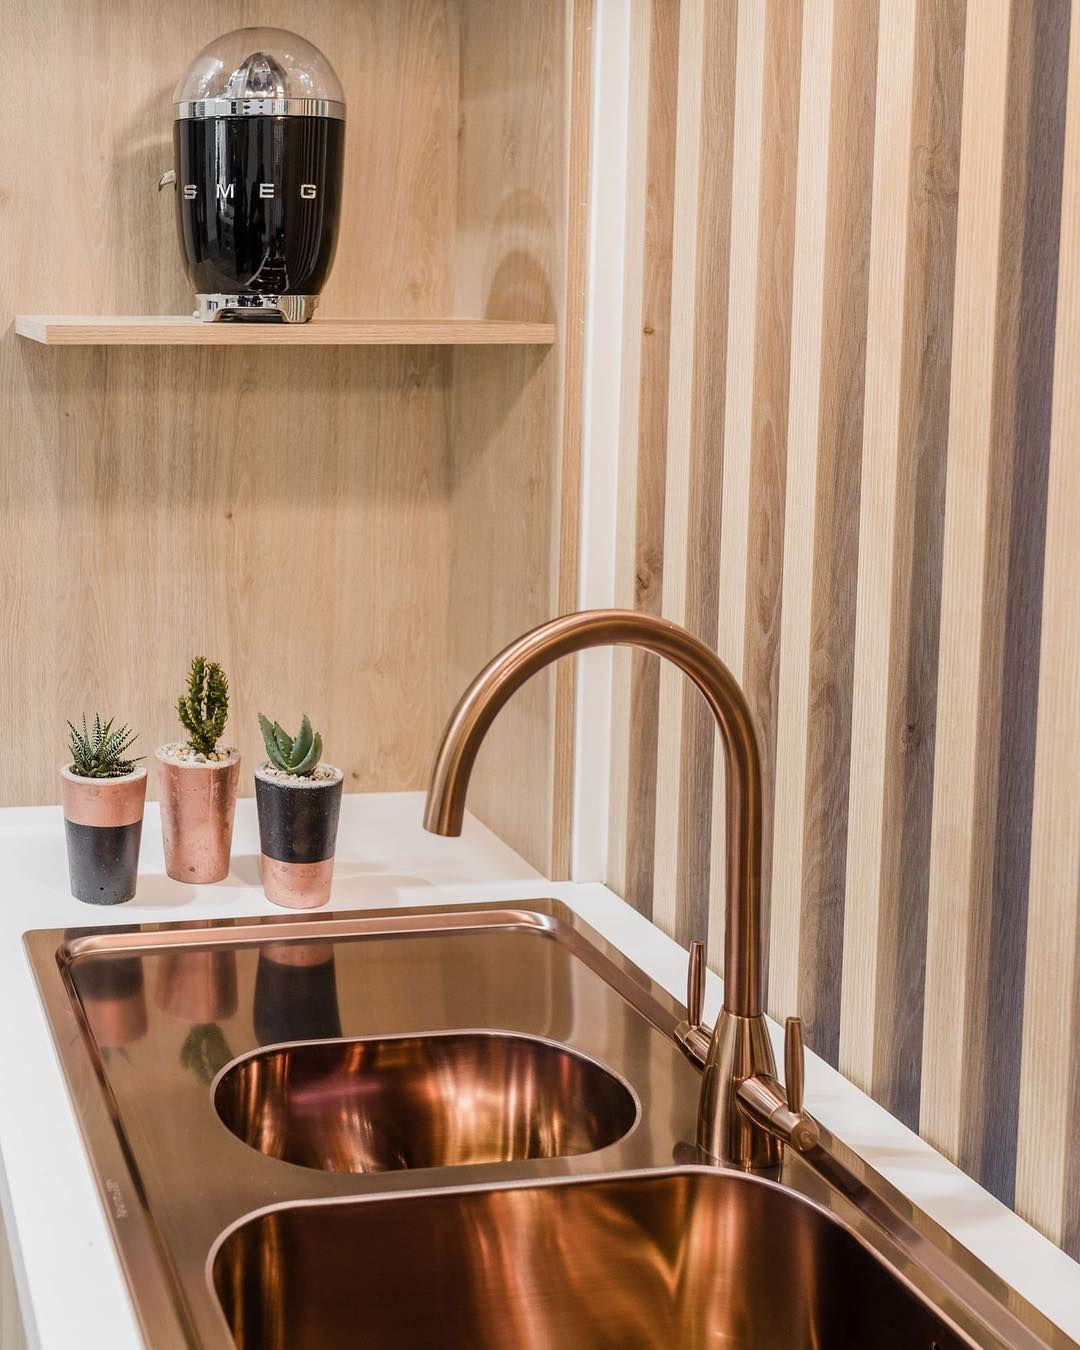 Copper Coloured Sink And Tap Copper Kitchen Accessories Copper